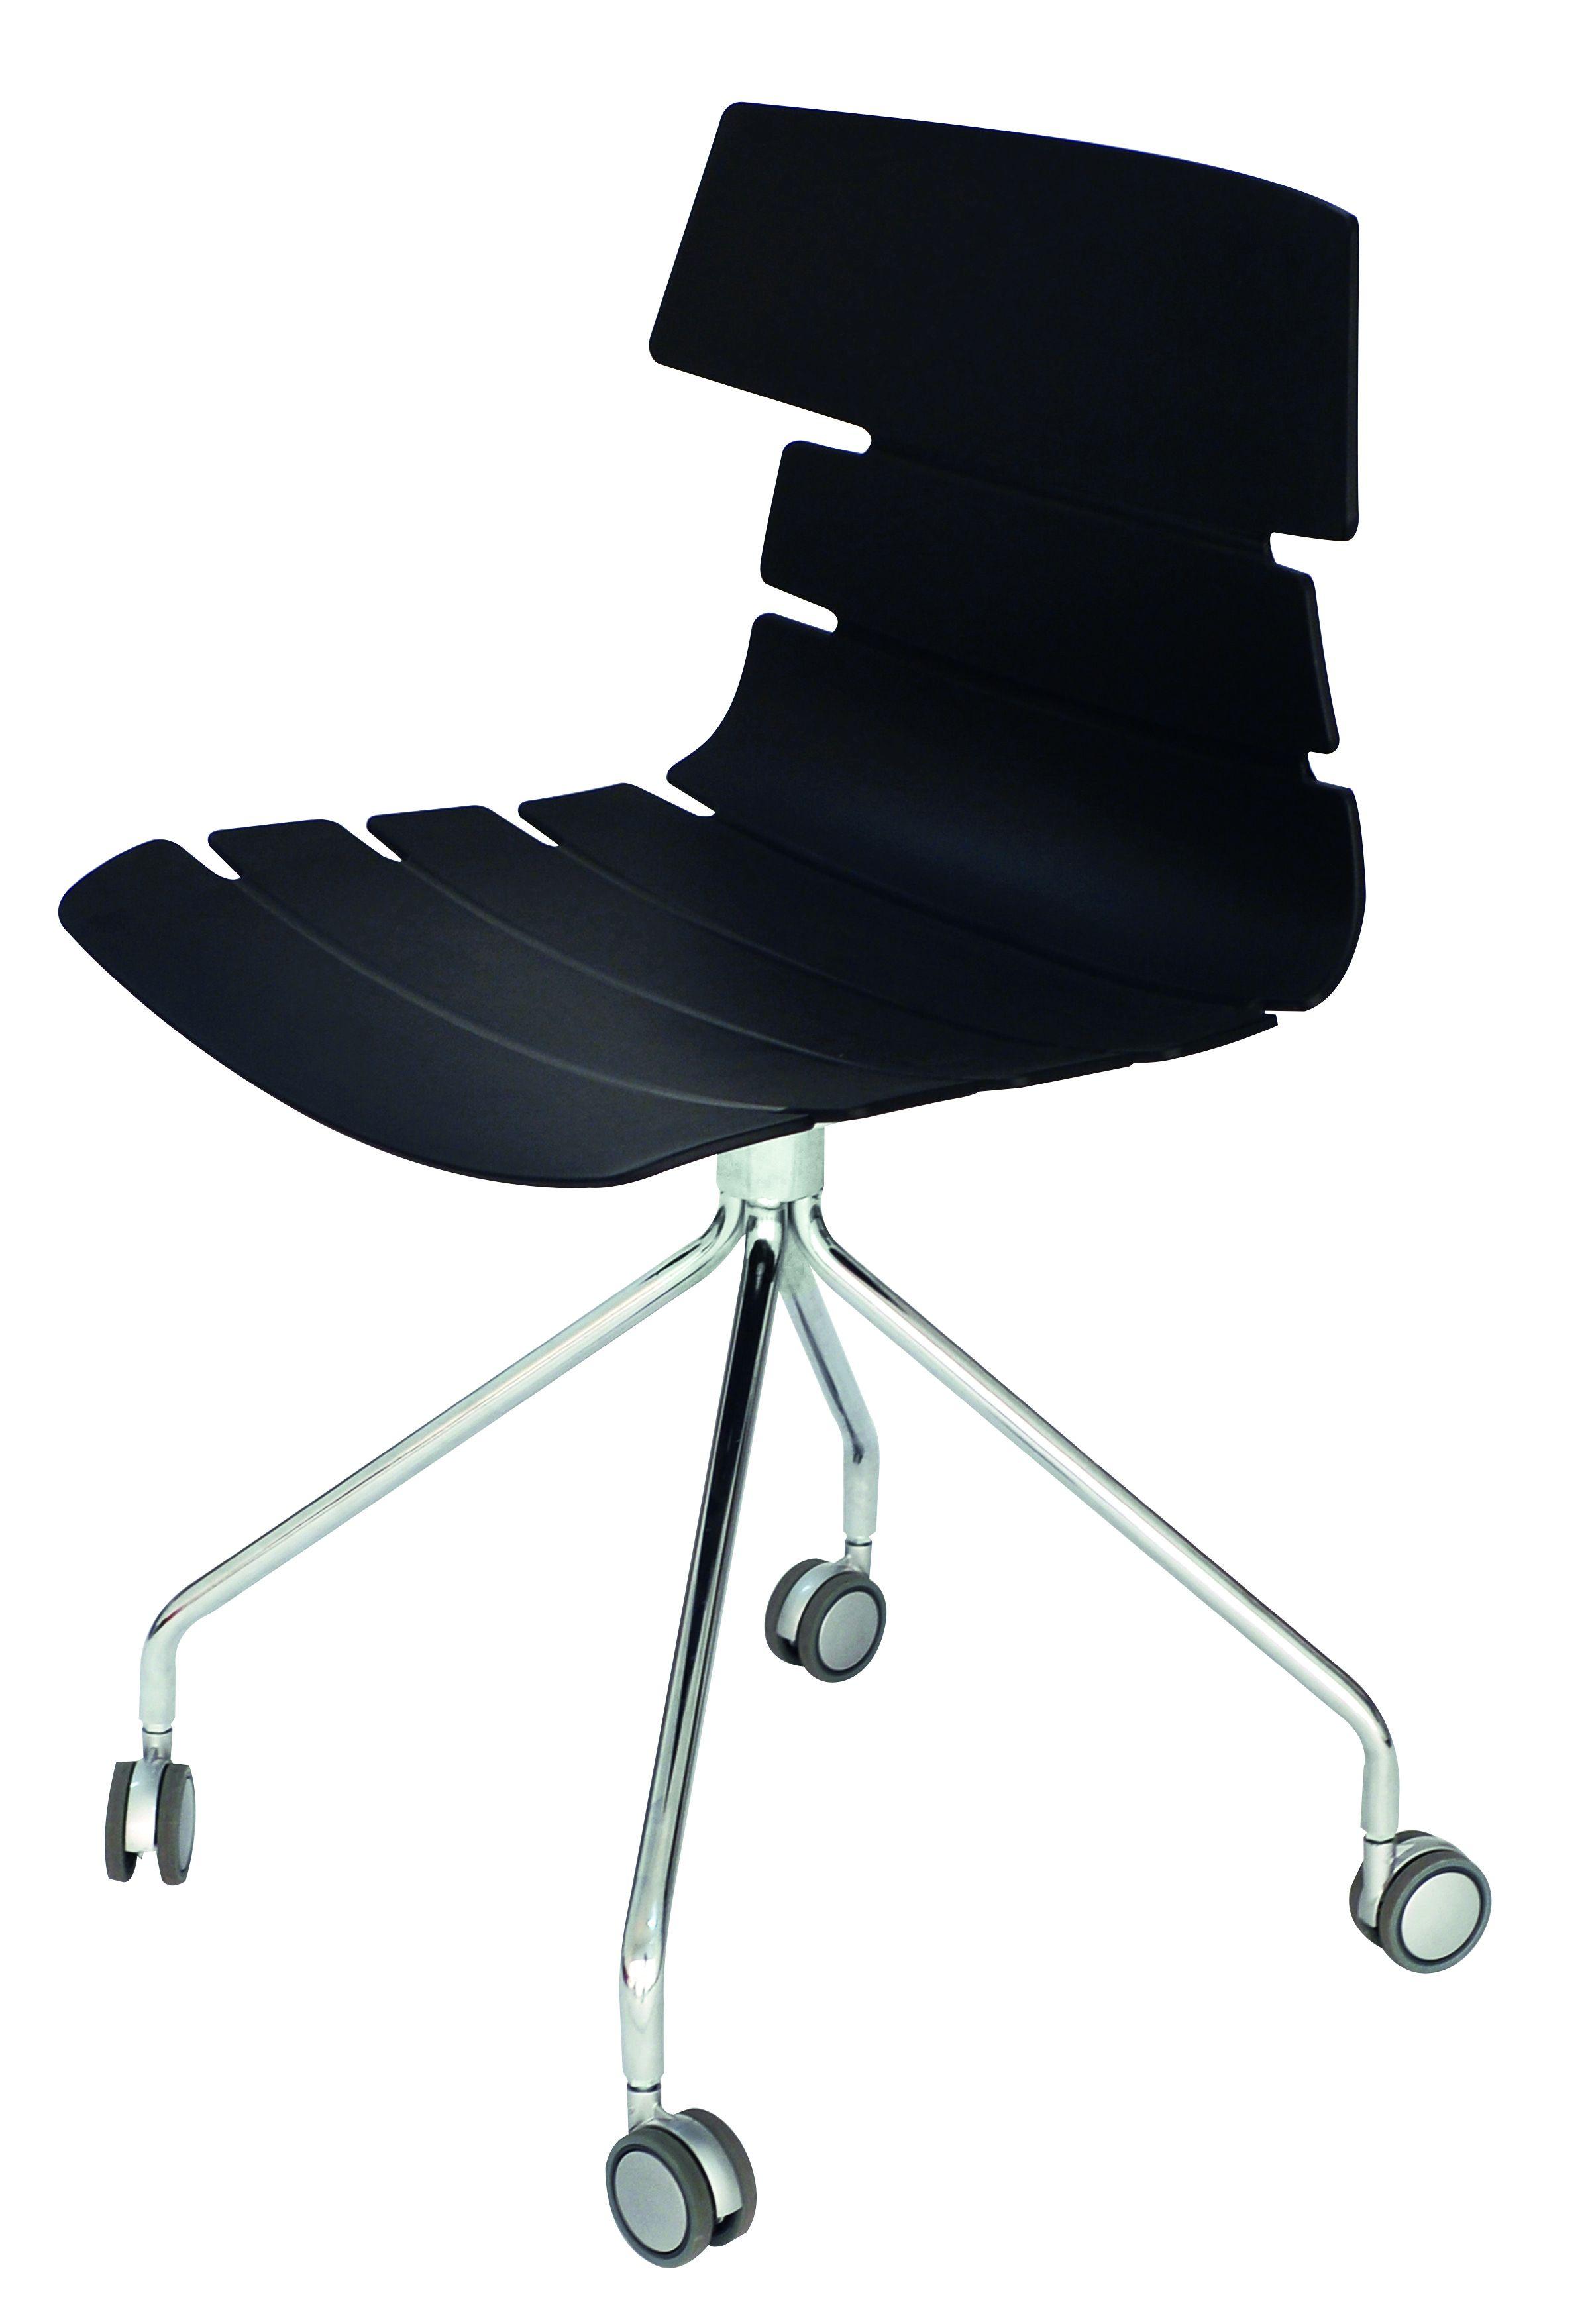 Chaise JUNE - pieds métal avec roulette - coque noire